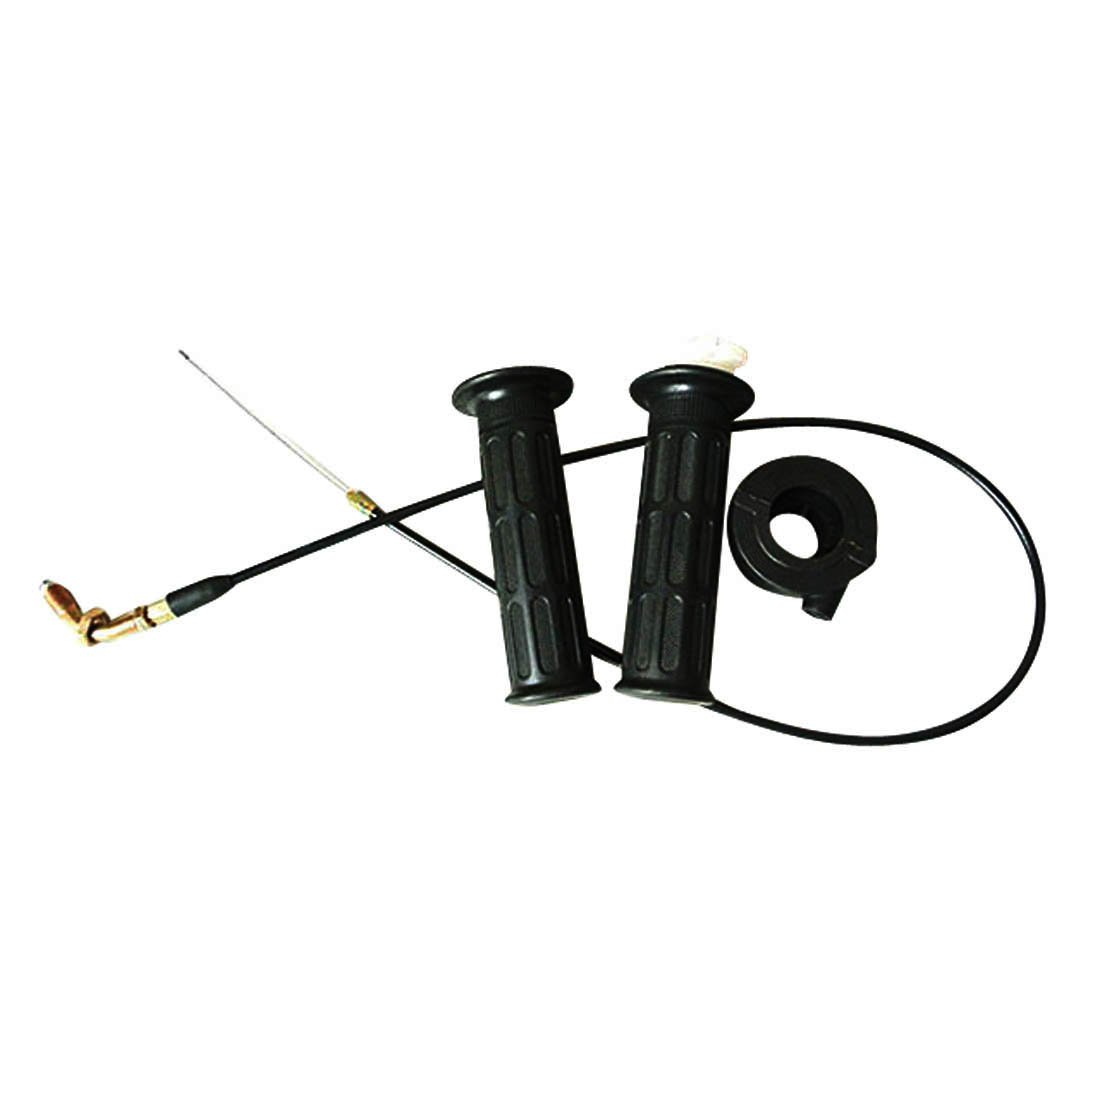 JRL Cable Throttle Accelerator Grip/ Twist Fit 50cc 90cc 110cc 125cc 140cc Pit Dirt Bike Huang Machinery